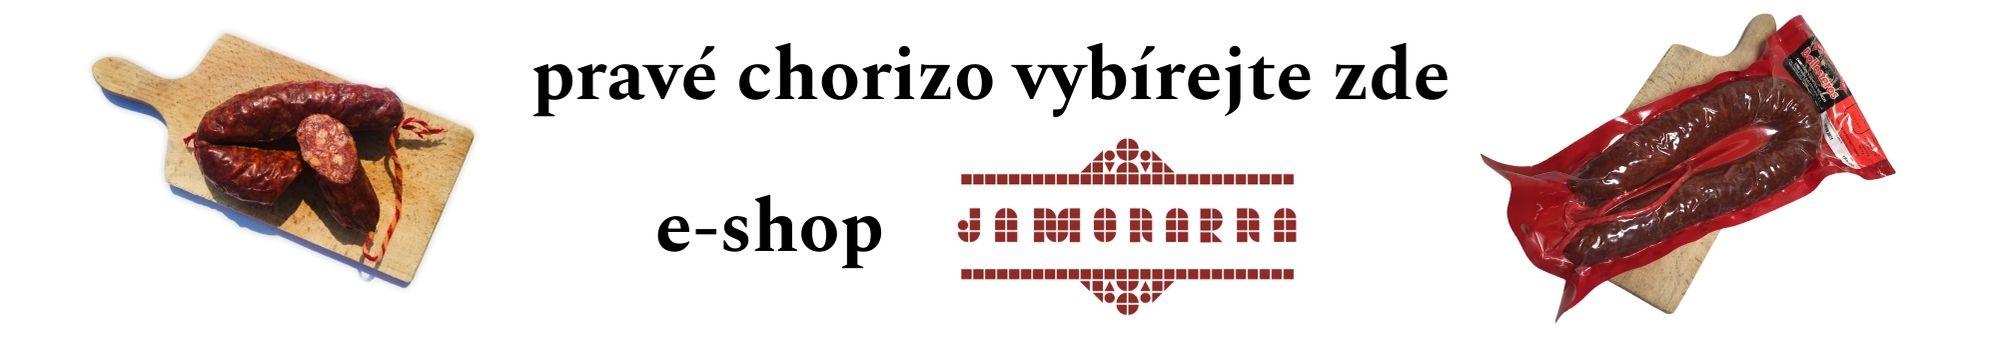 chorizo_kategorie_banner